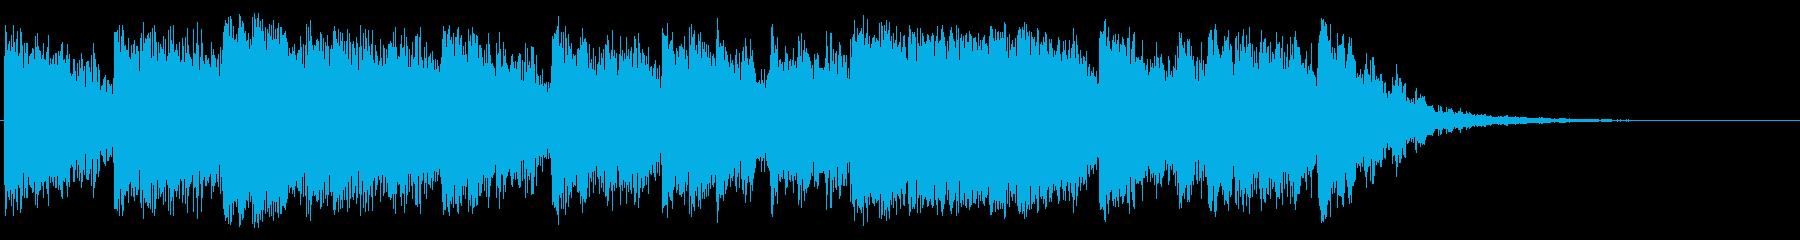 配管継手の再生済みの波形